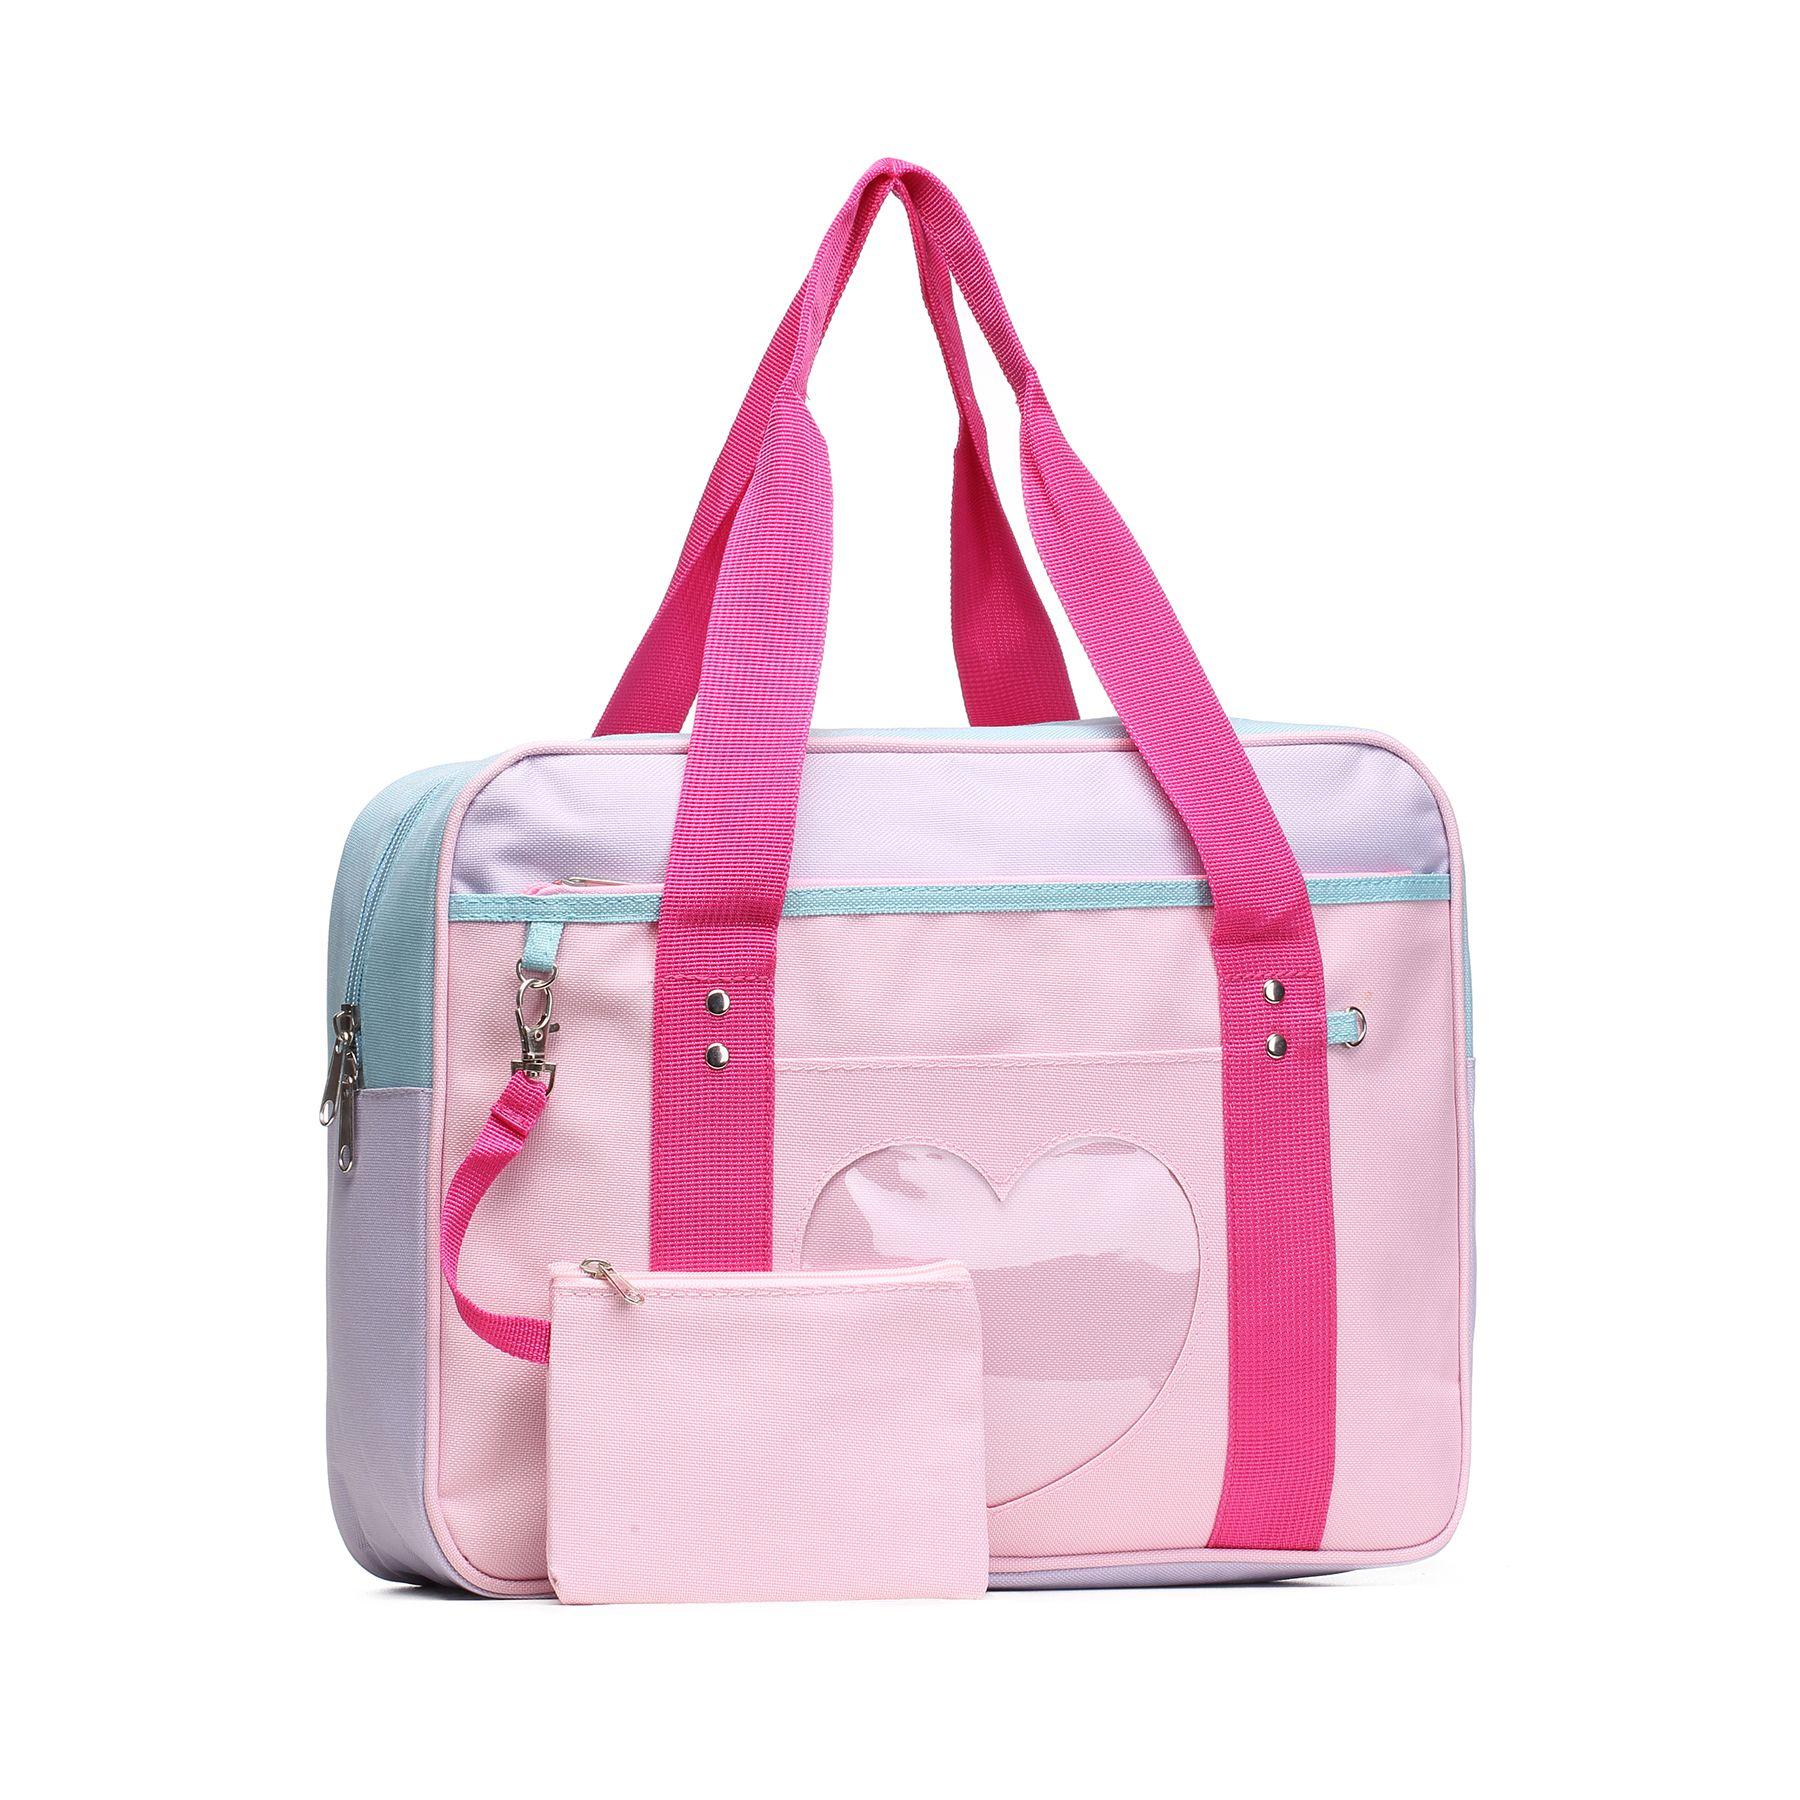 Ita bag heart japanese bag girls large laptop purse anime